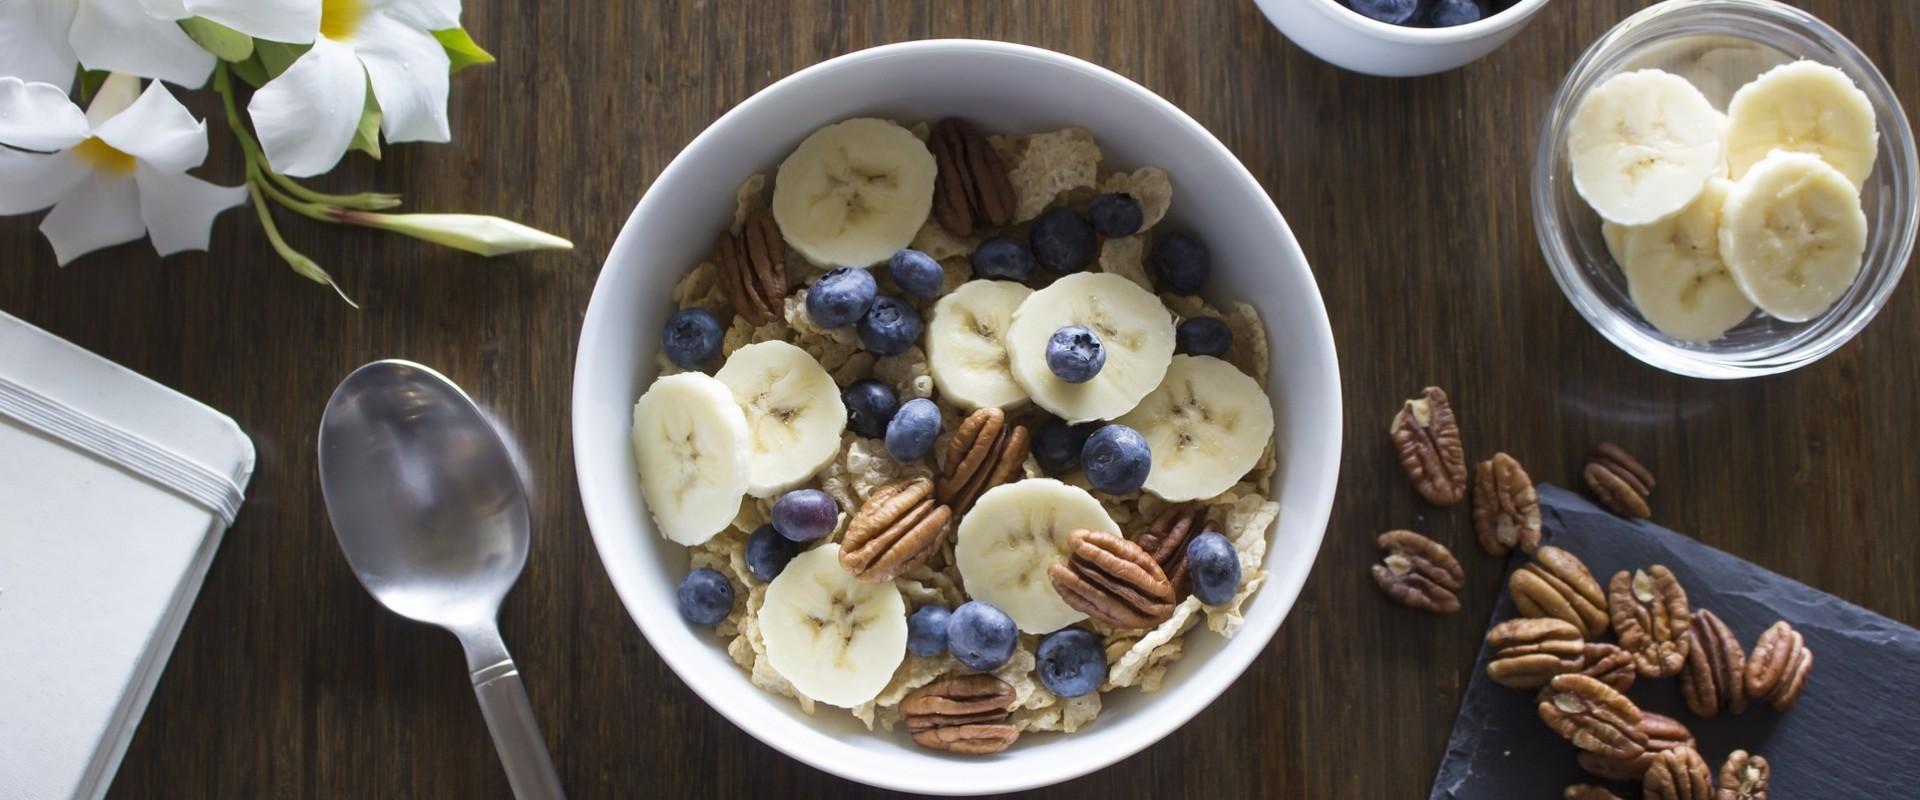 Thuis afvallen zonder dieet